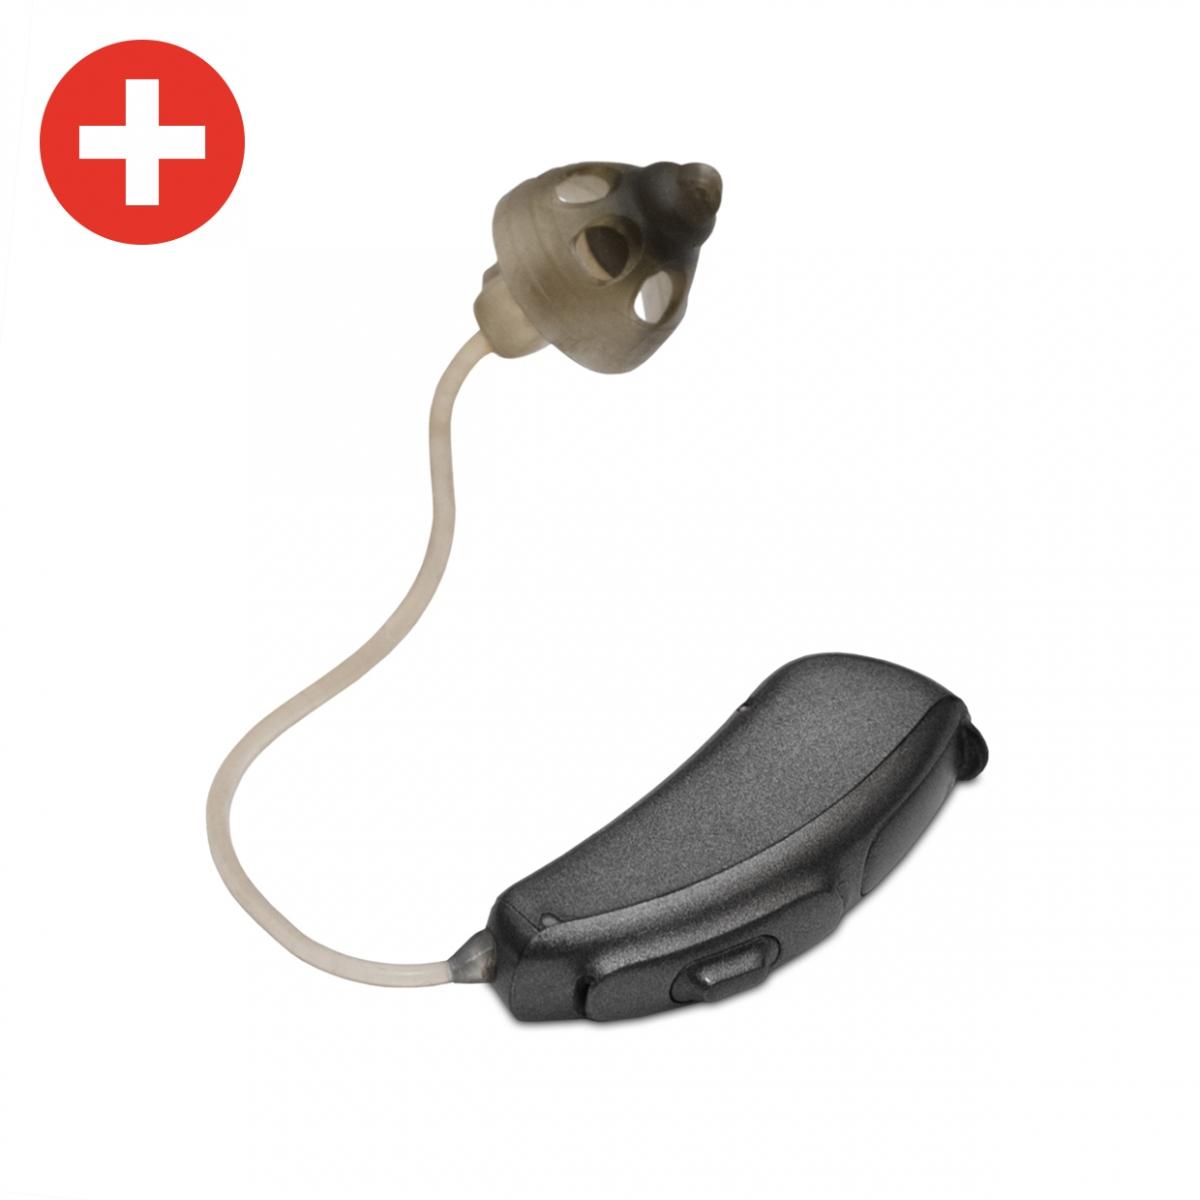 Imagen en la que se ve un audífono